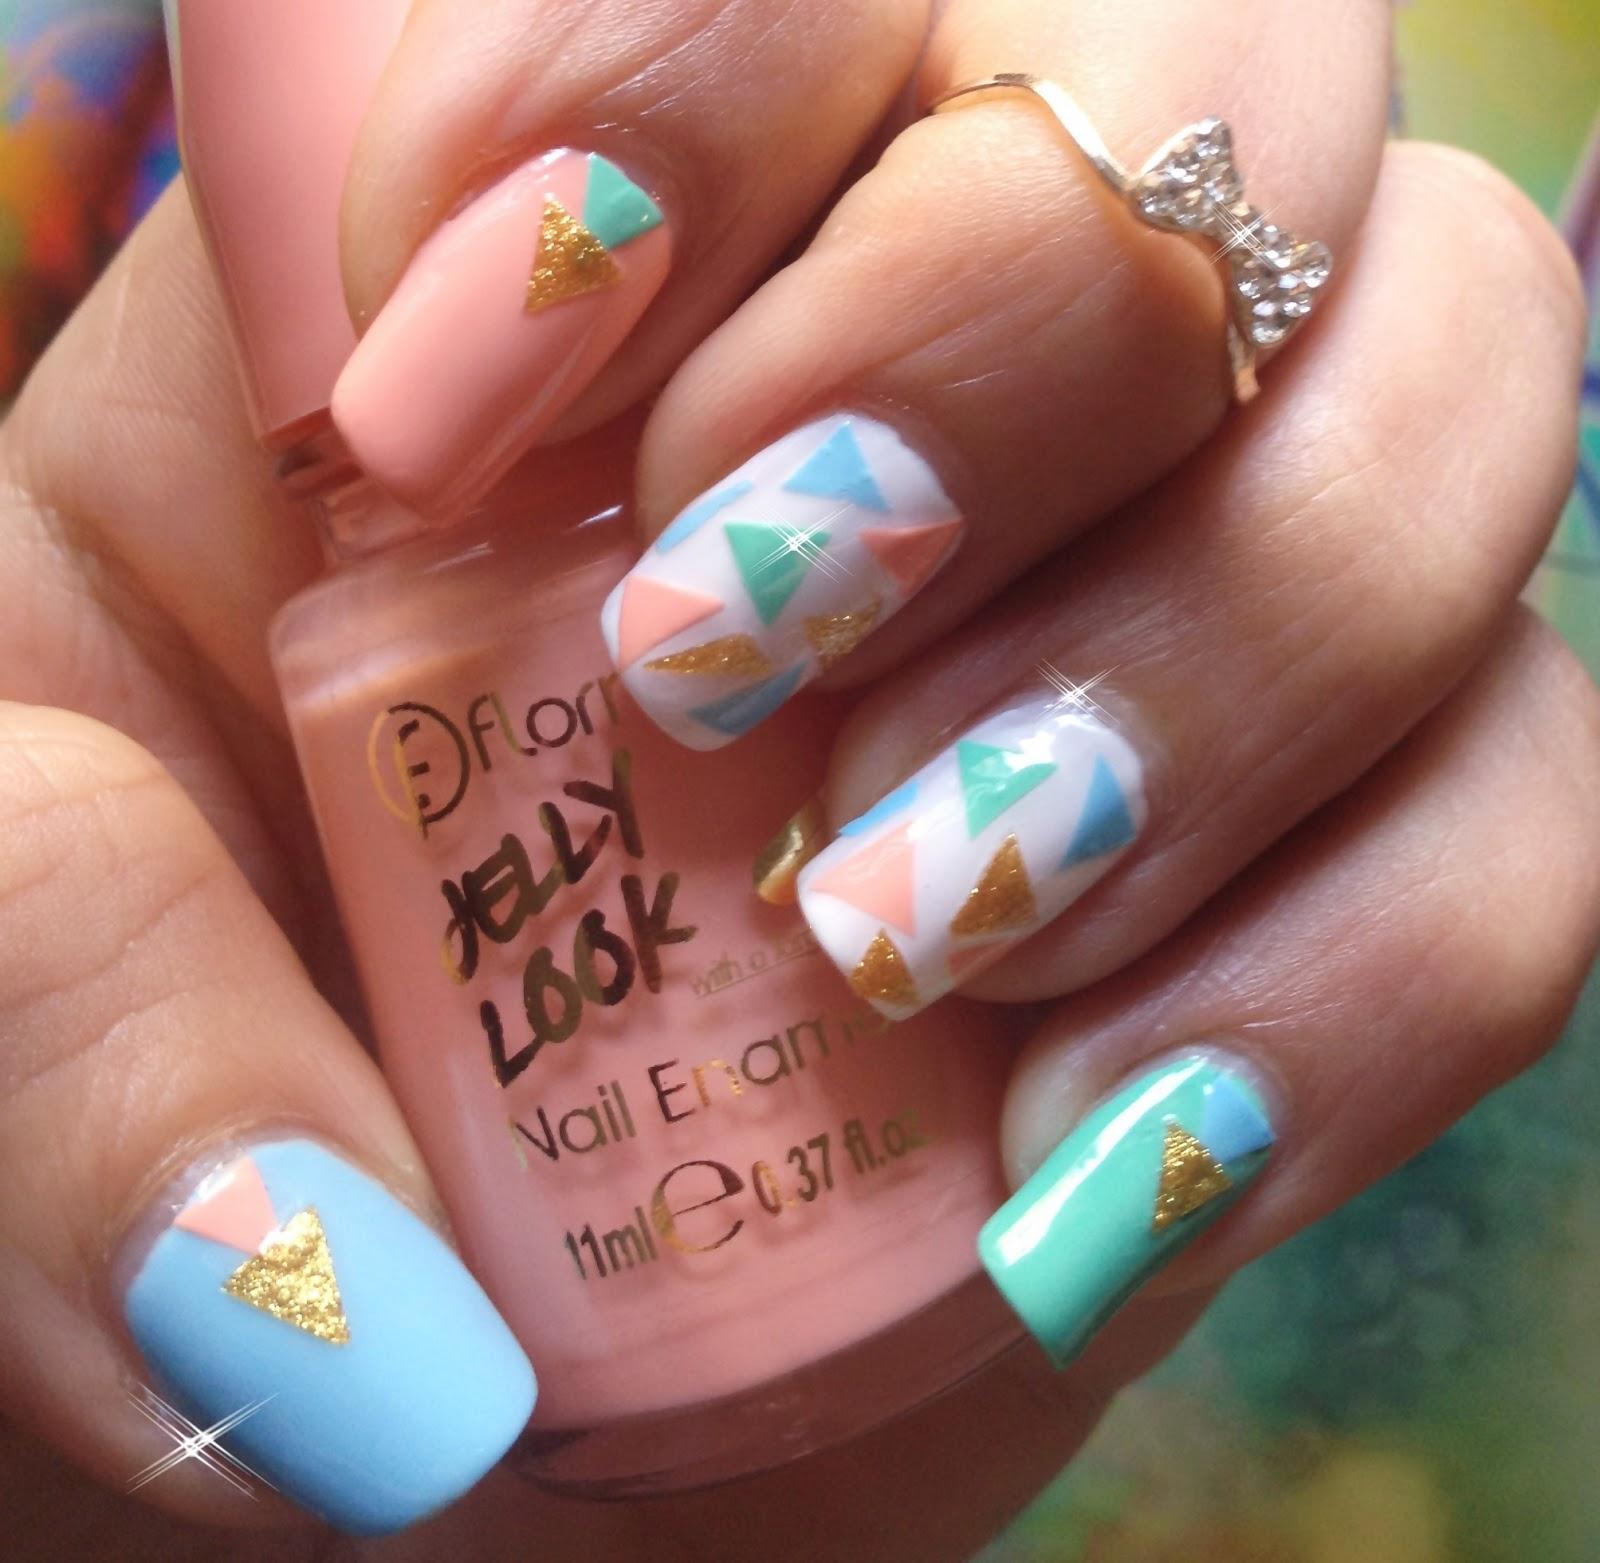 Idée Vernis Facile dedans pretty pretty : nail art facile: des triangles en vernis!